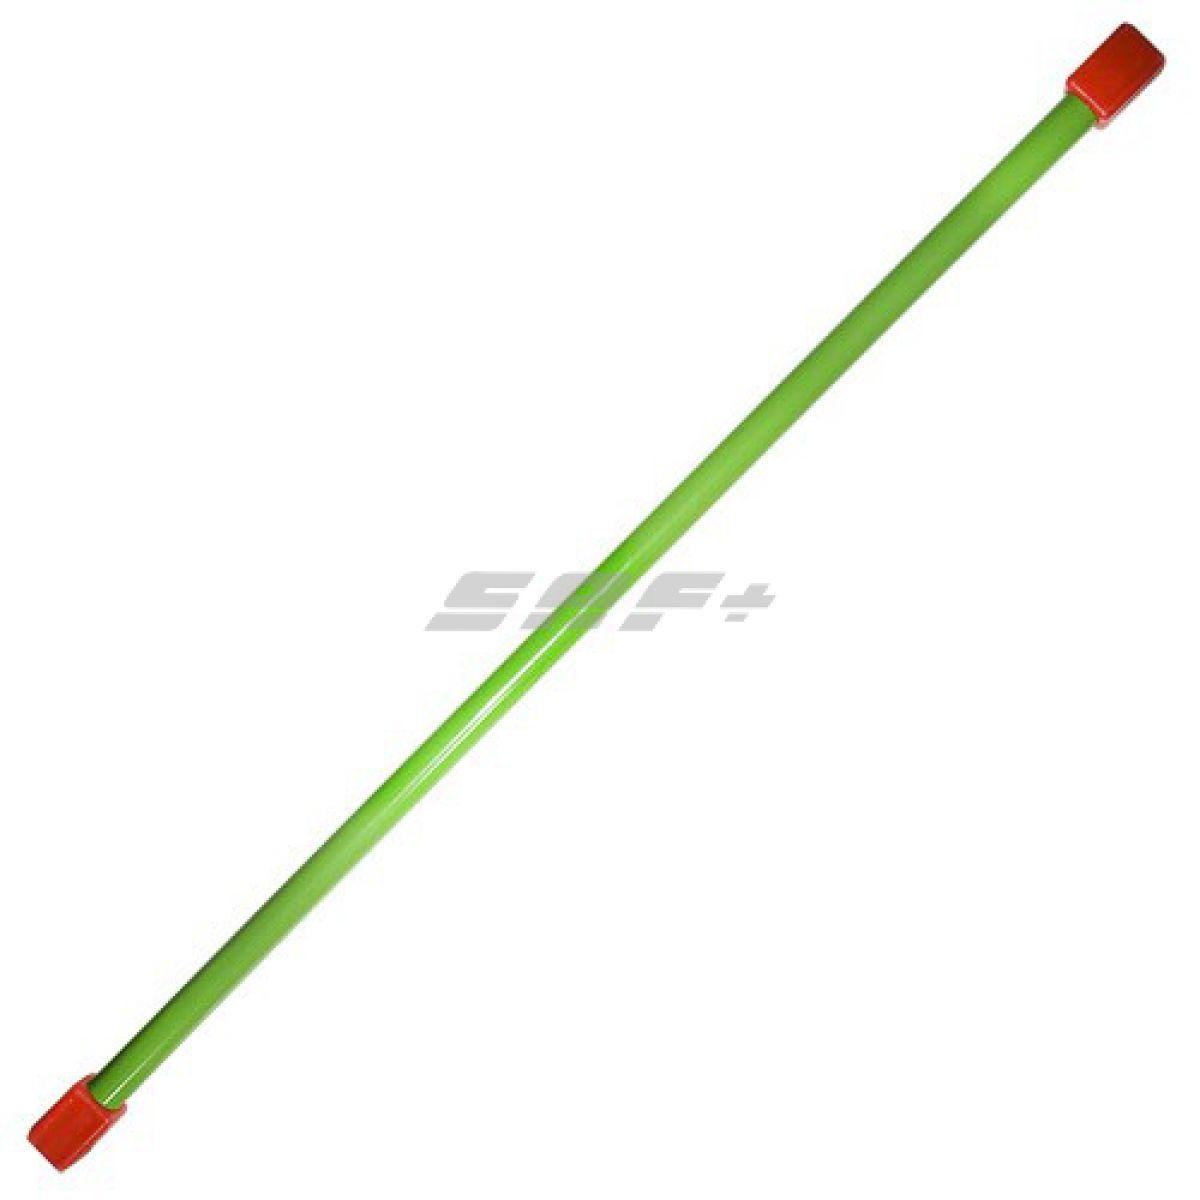 Гимнастическая палка (бодибар), 3кг, длина 1200мм